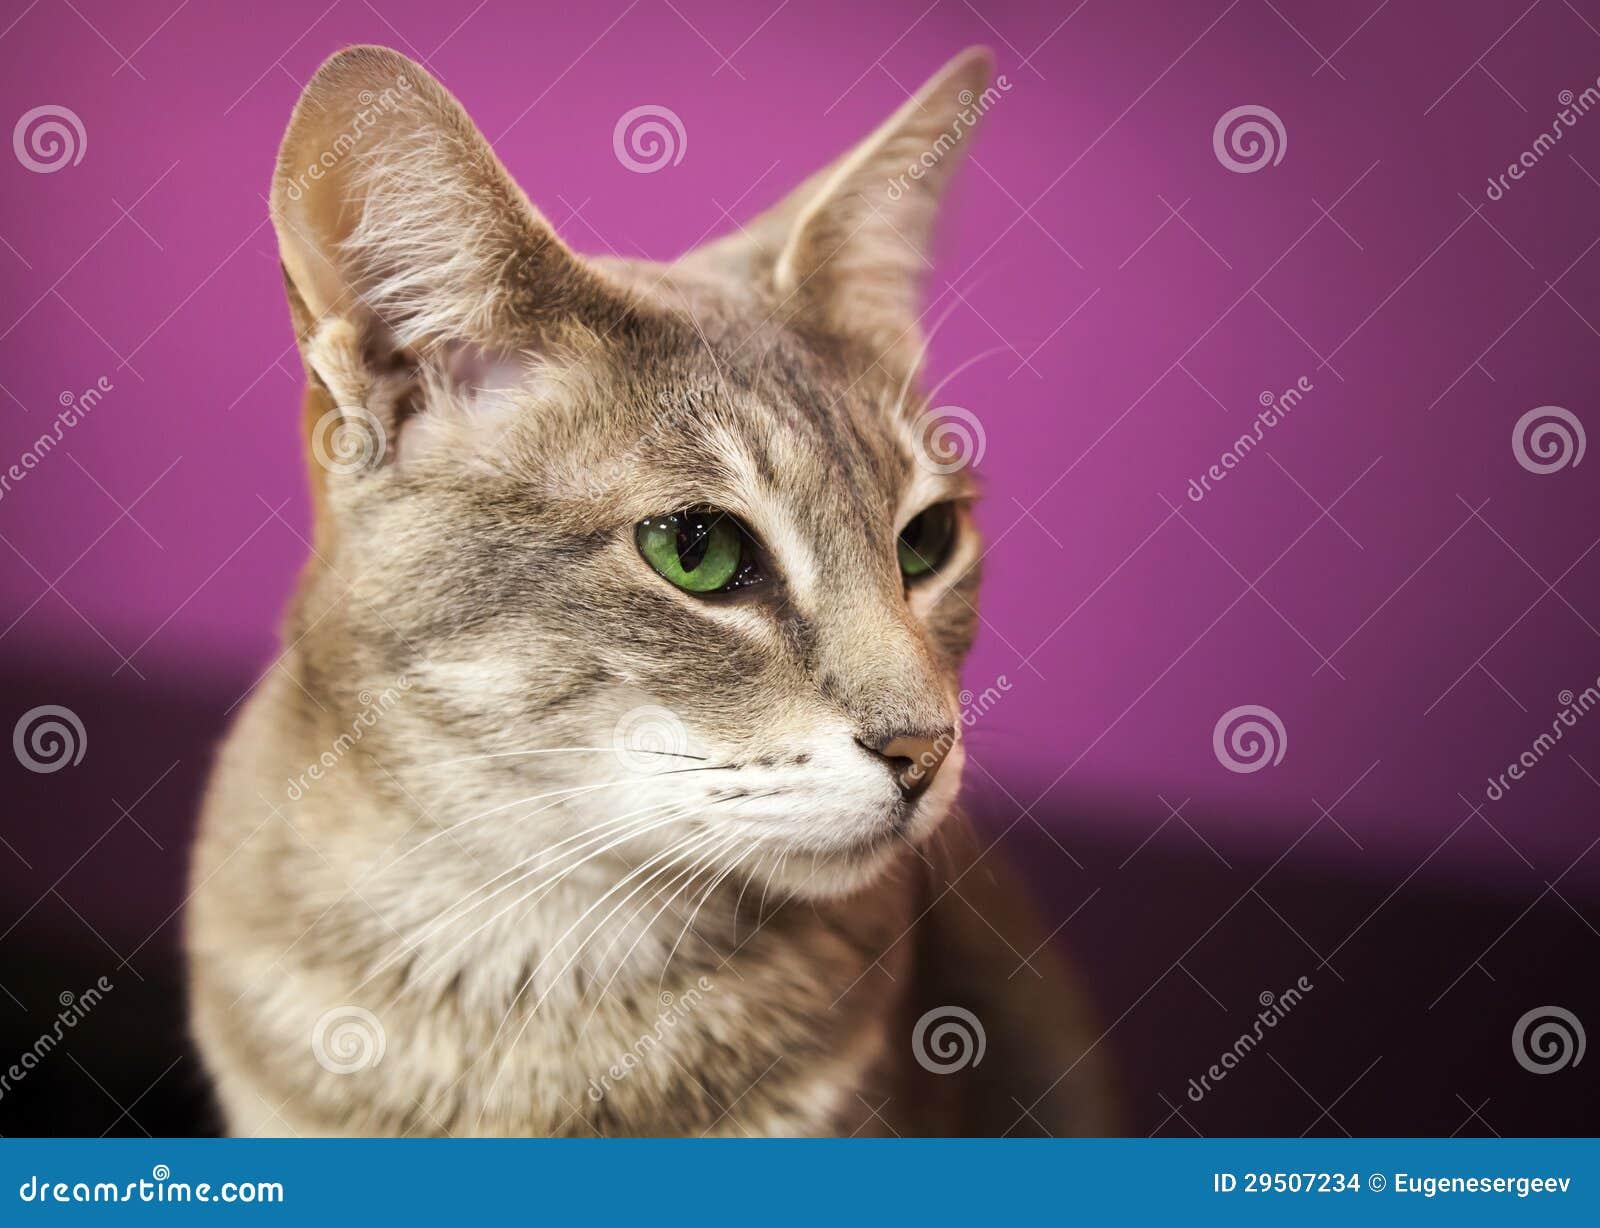 Bruine grijze kortharige kat met groene ogen